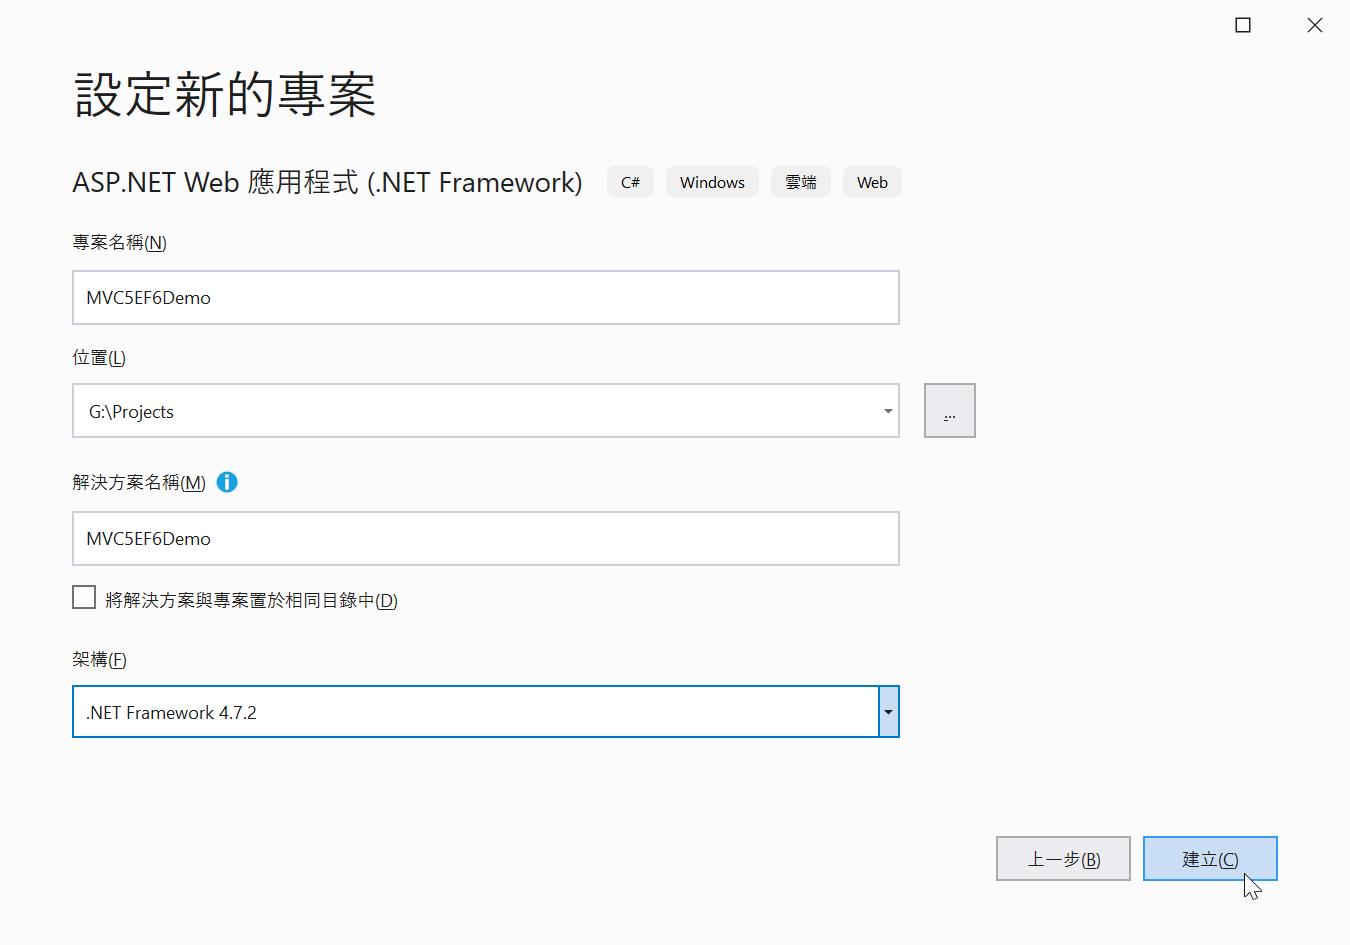 建立 ASP.NET Web 應用程式 (.NET Framework) 專案